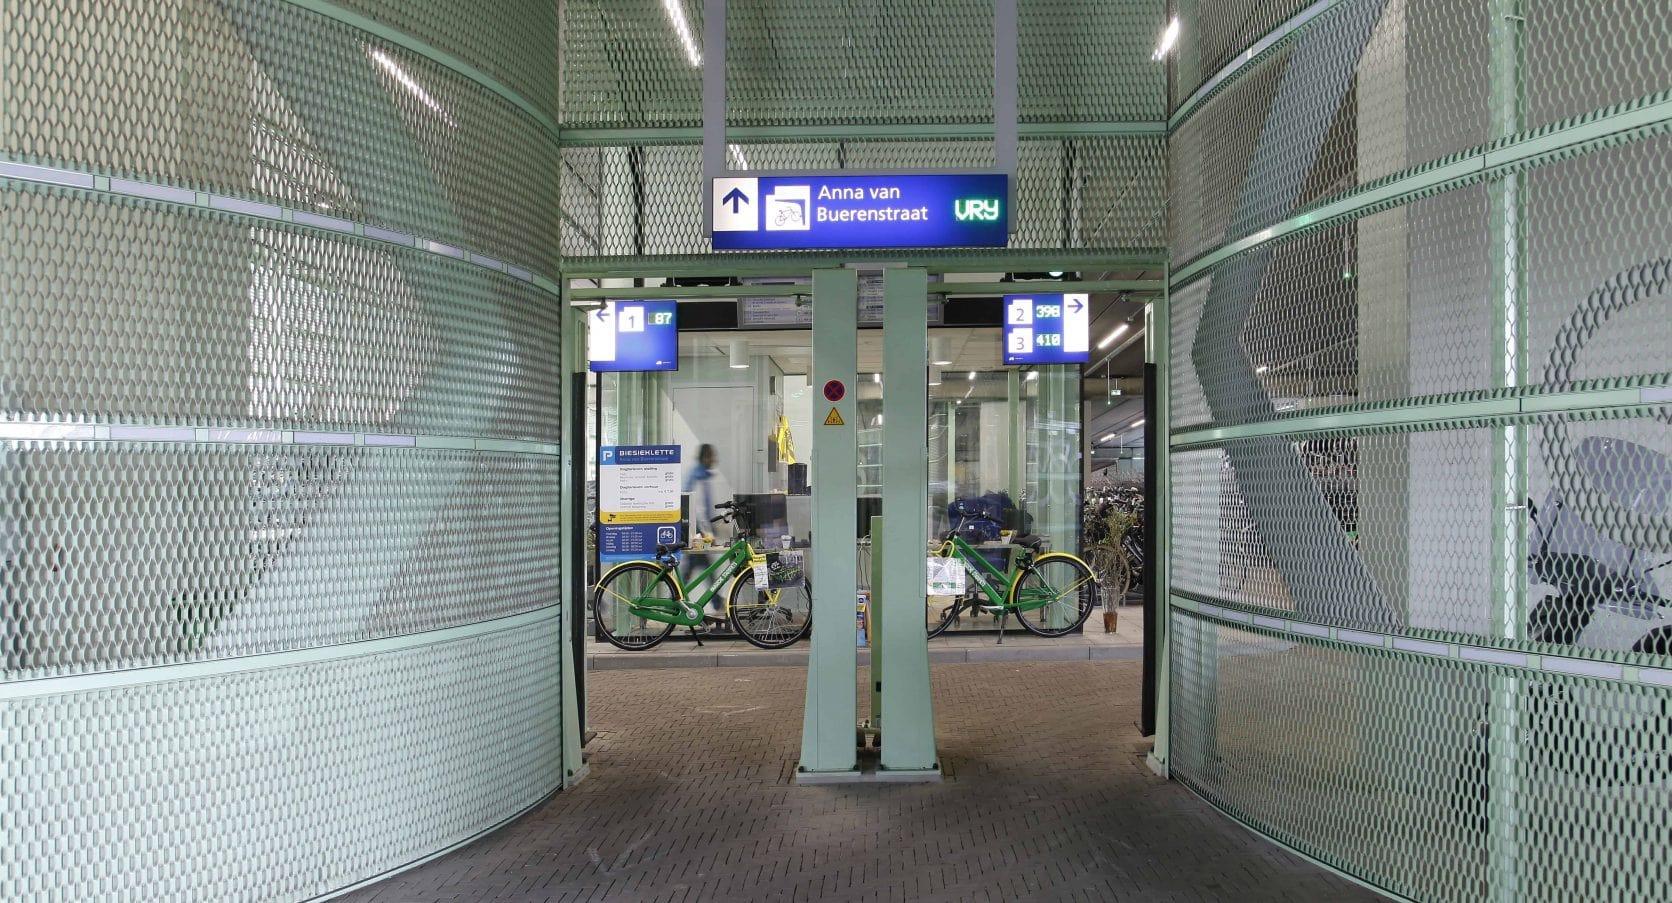 Fietsenstalling Station in Den Haag bekleed met groen gekleurde strekmetalen gevels